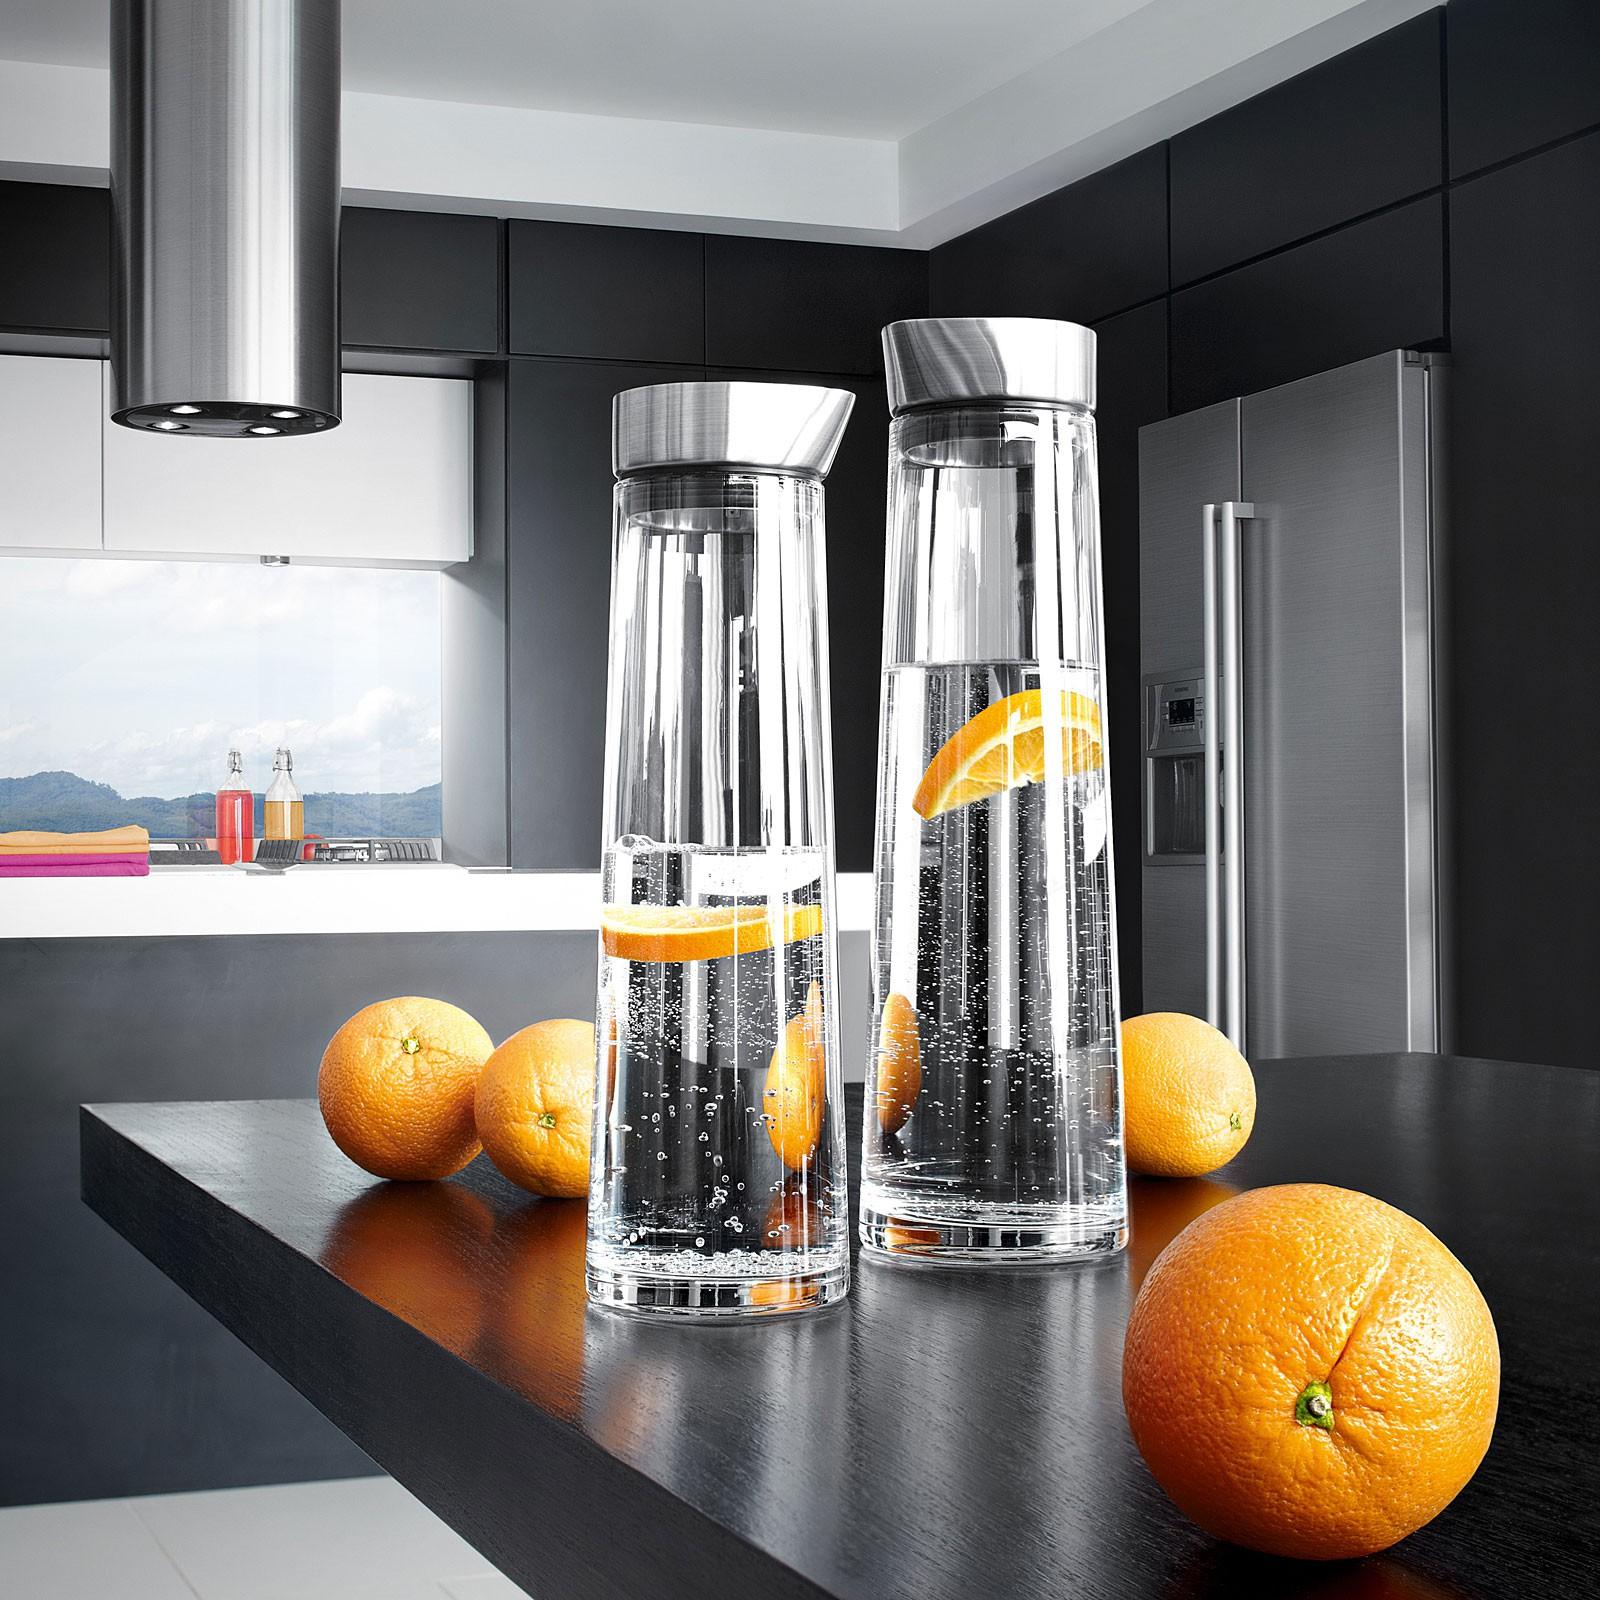 Wasserkaraffe Edelstahl matt Glas 1500 ml blomus ACQUA